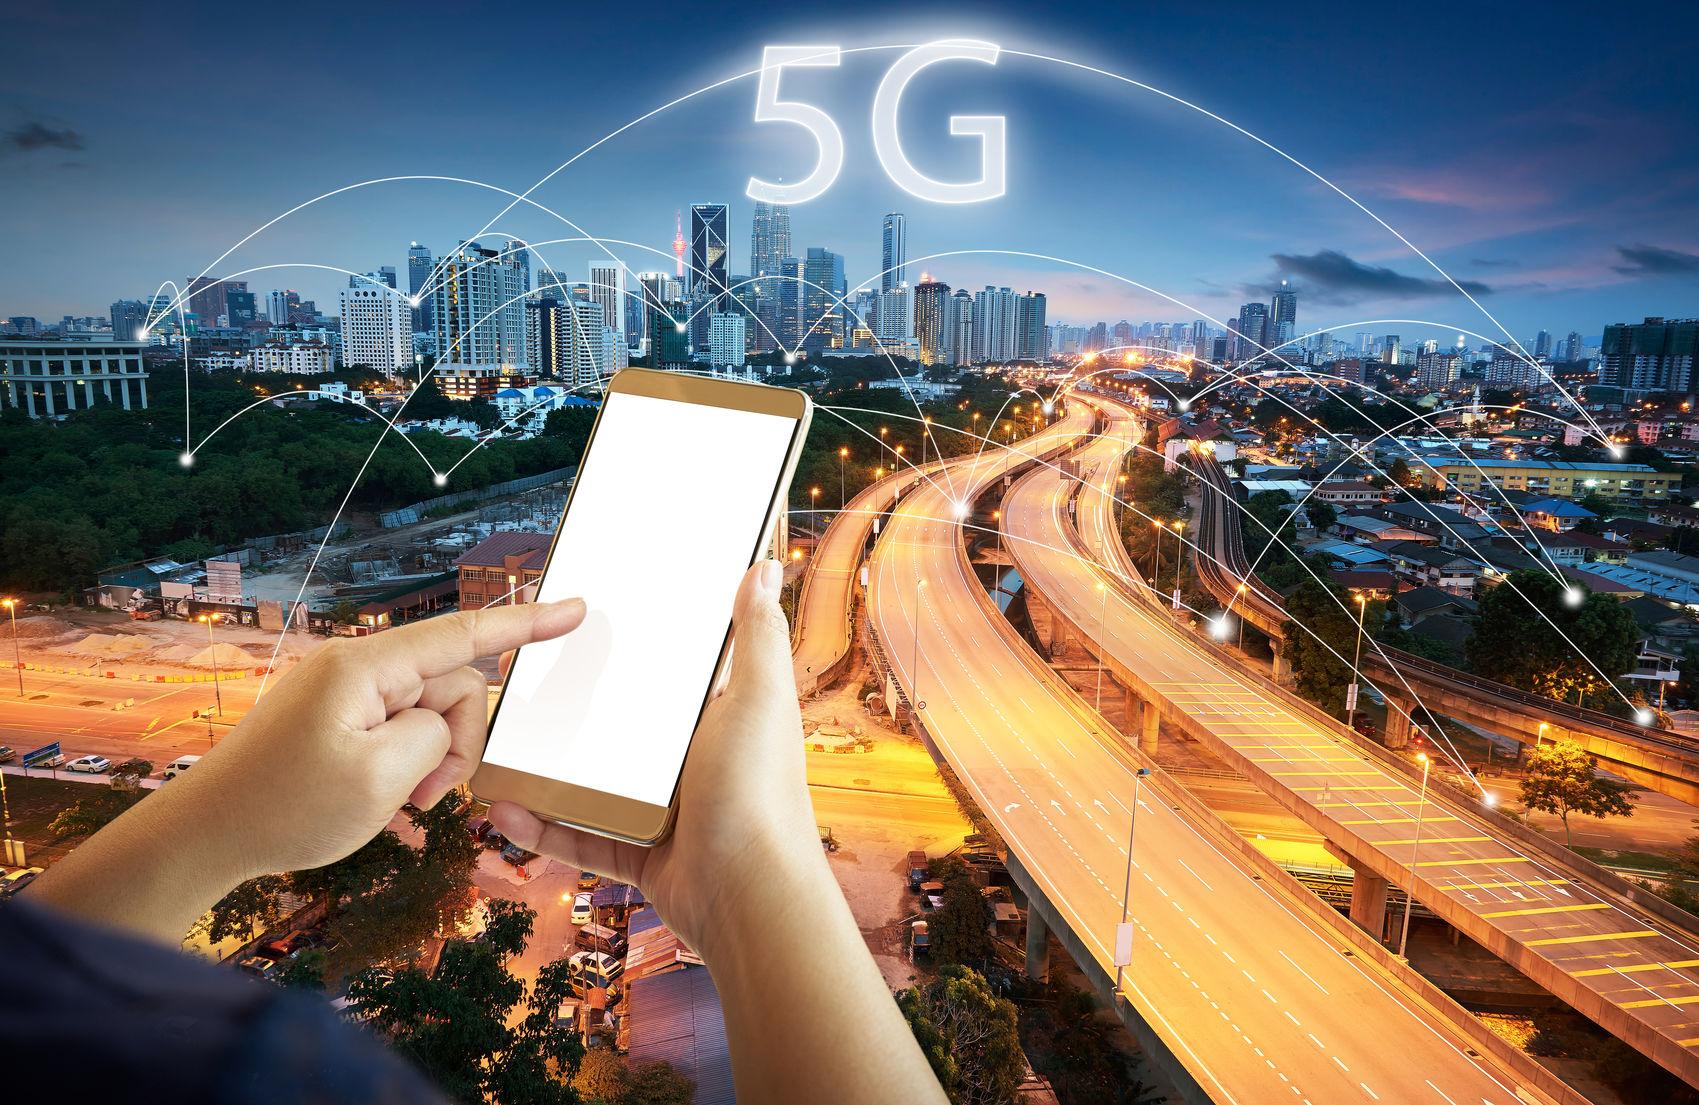 机构调研:华工科技预计未来8-10年5G将迎持续建设高峰